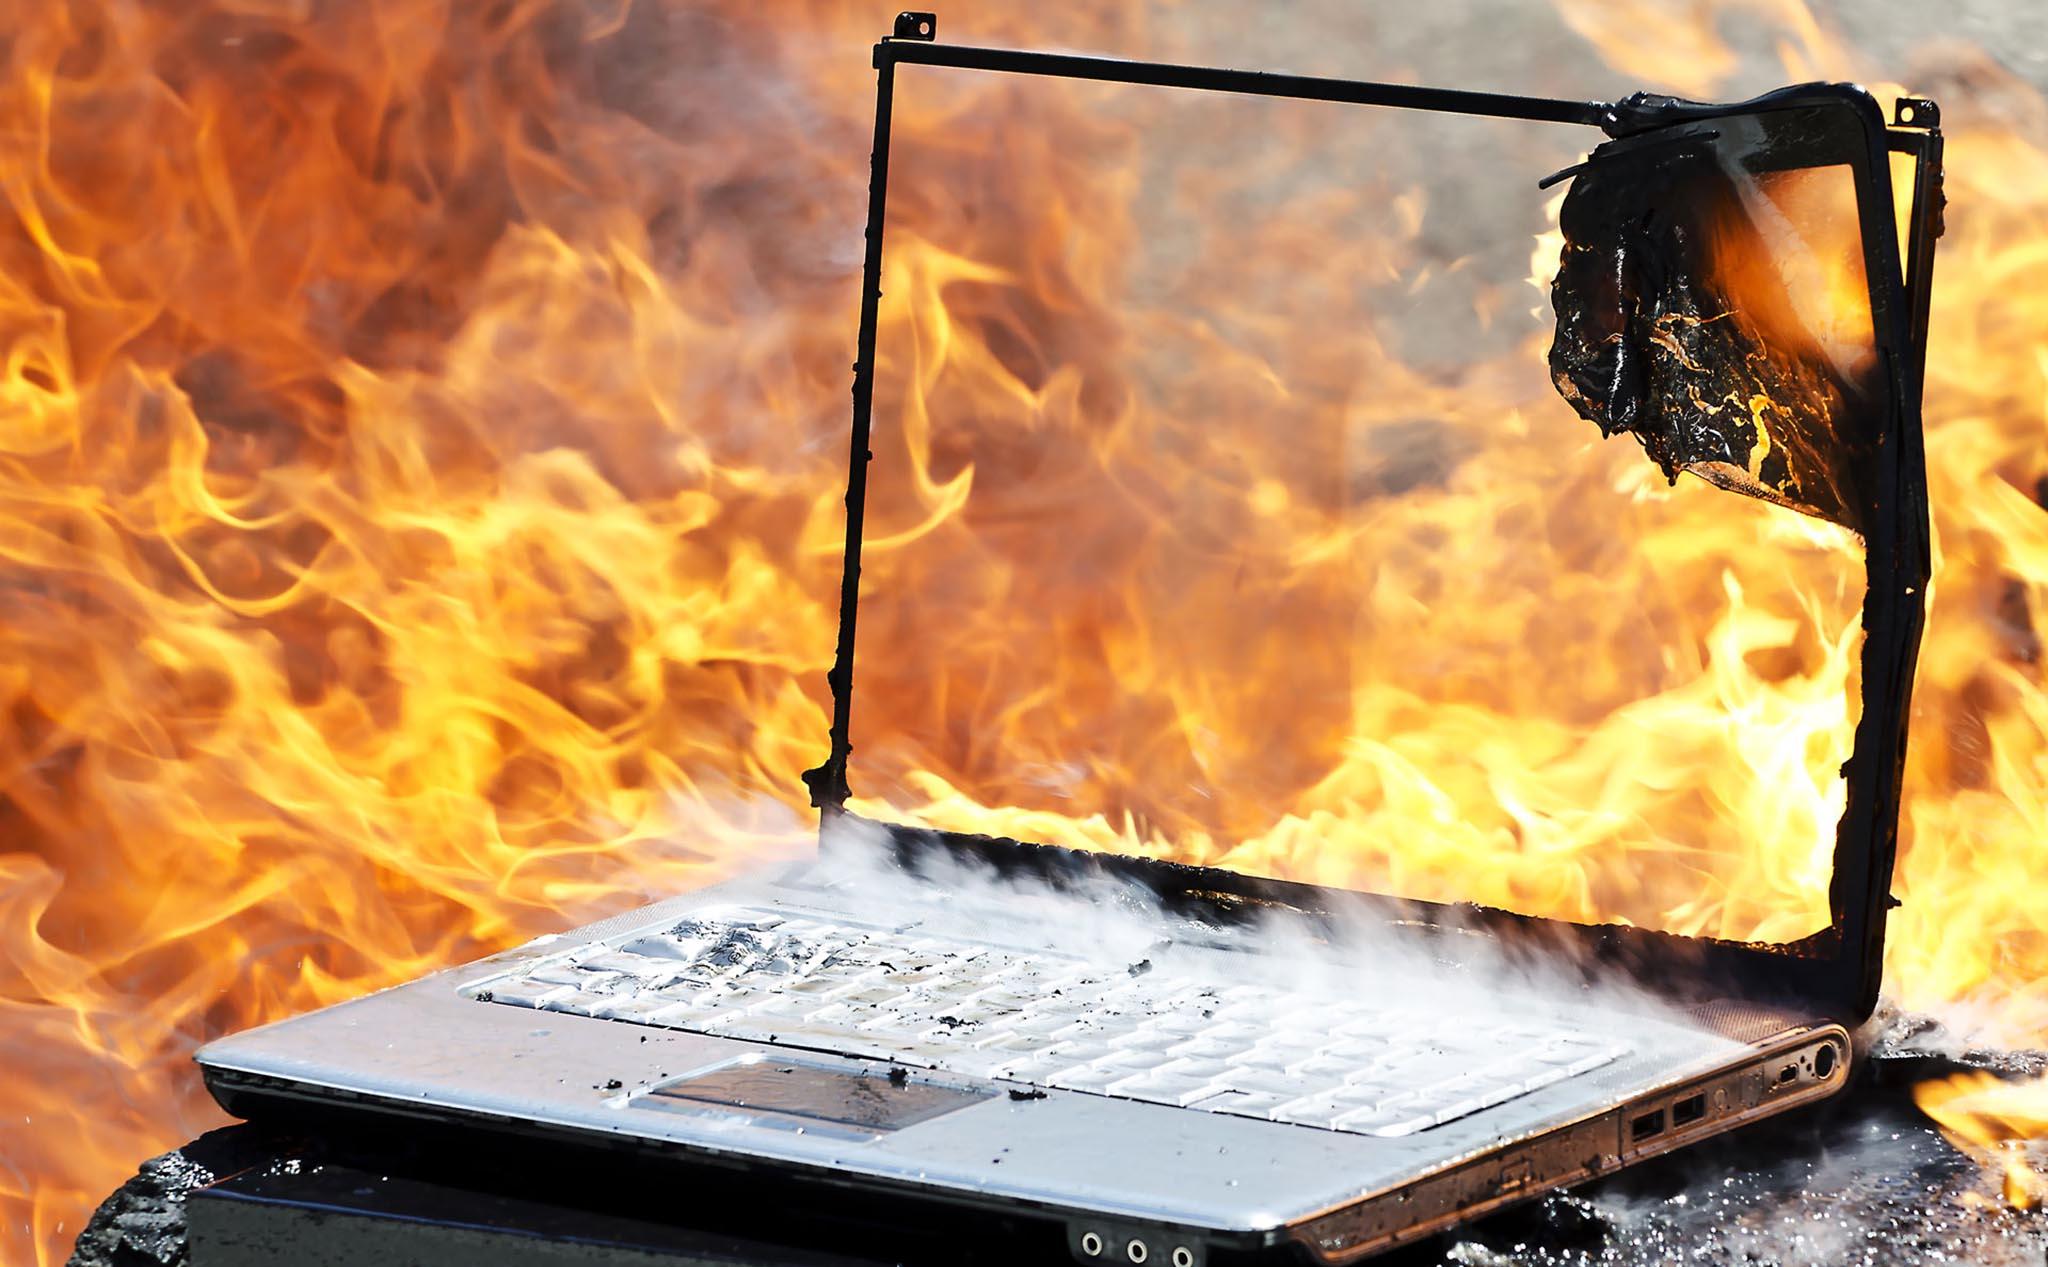 Những lỗi màn hình laptop thường gặp và cách khắc phục - Ảnh 2.